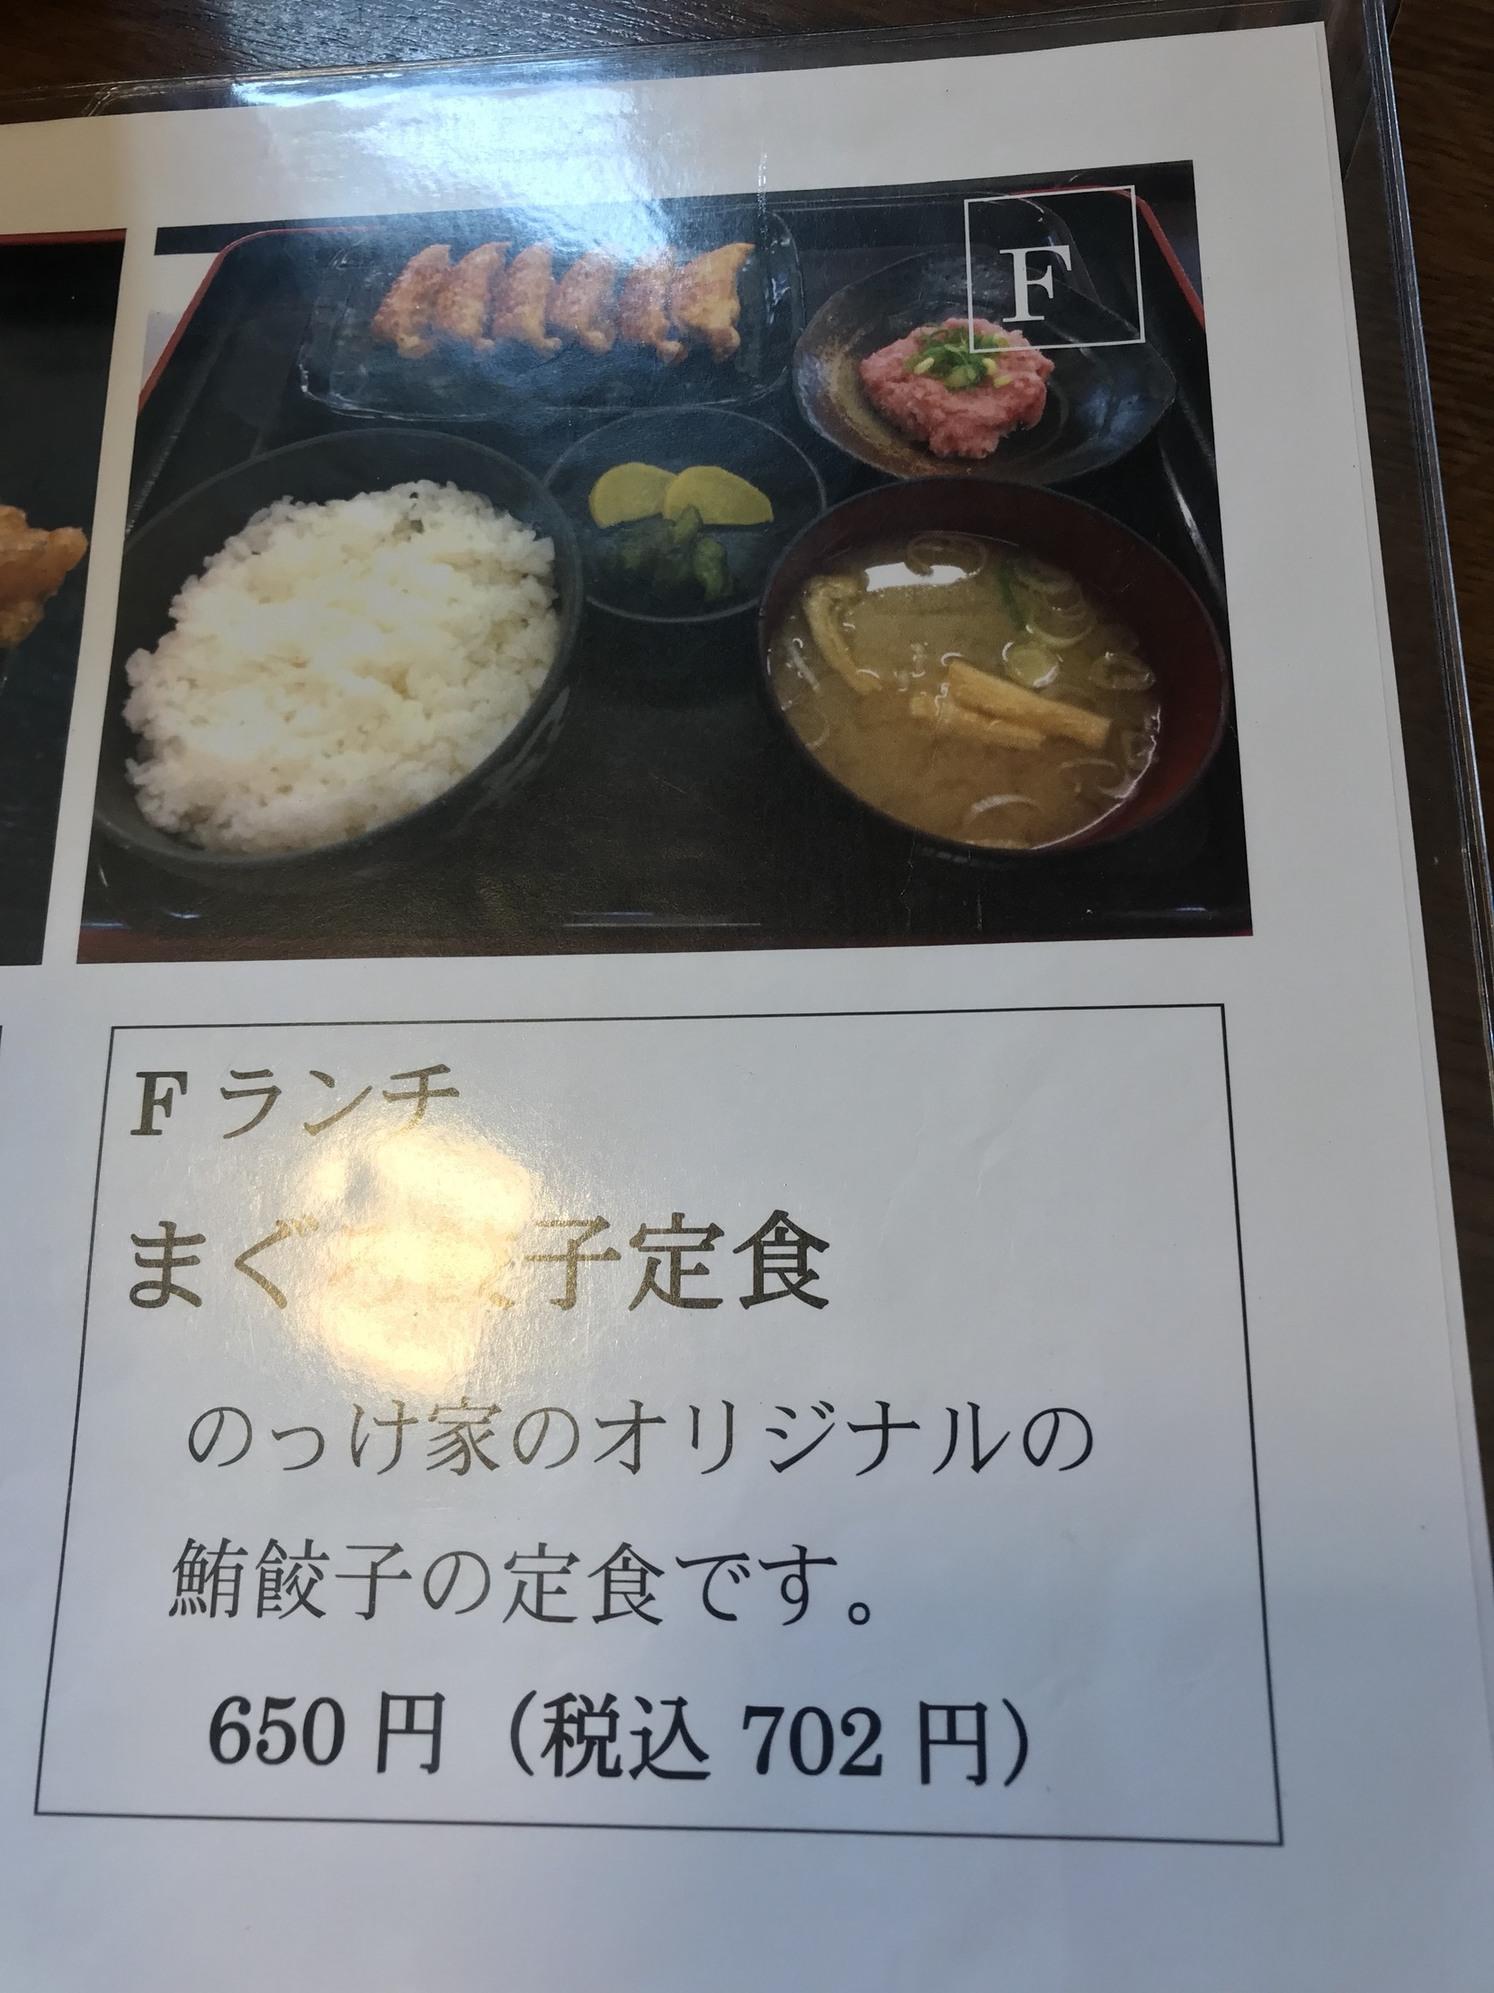 のっけ家 豊田店 name=